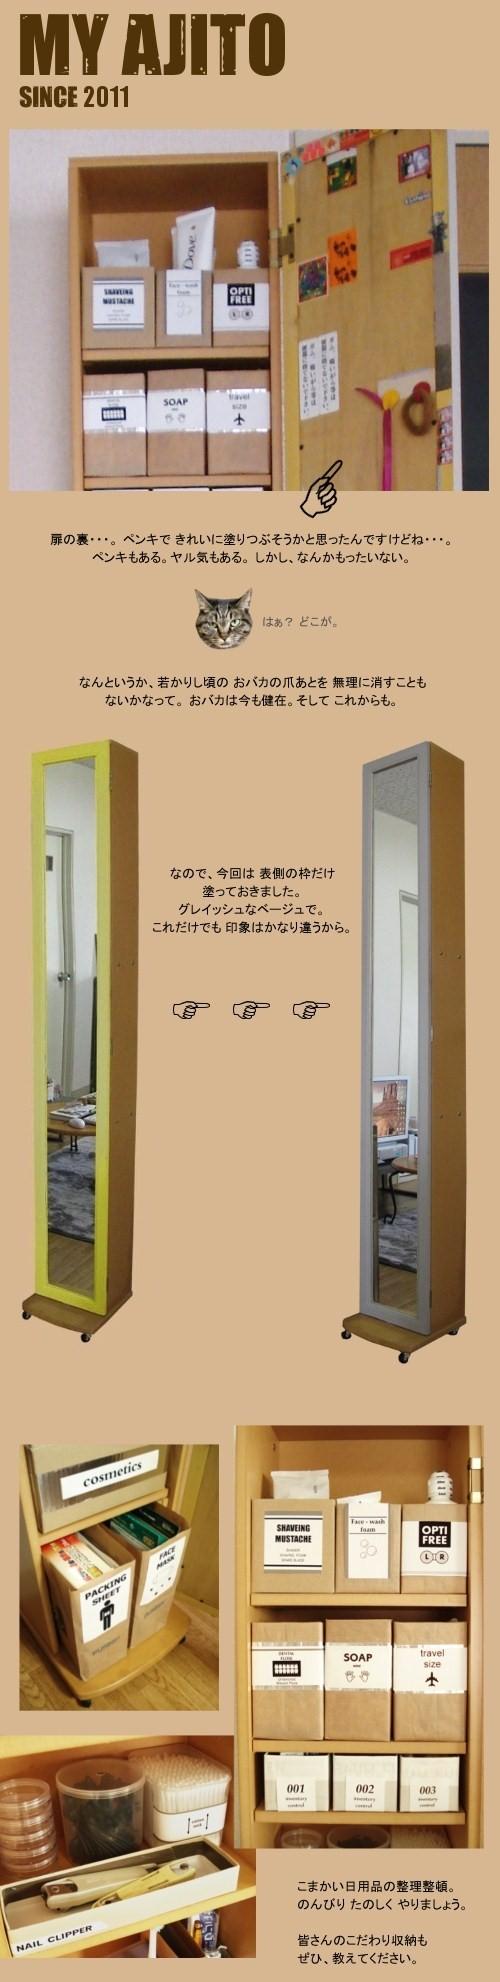 mira_6.jpg